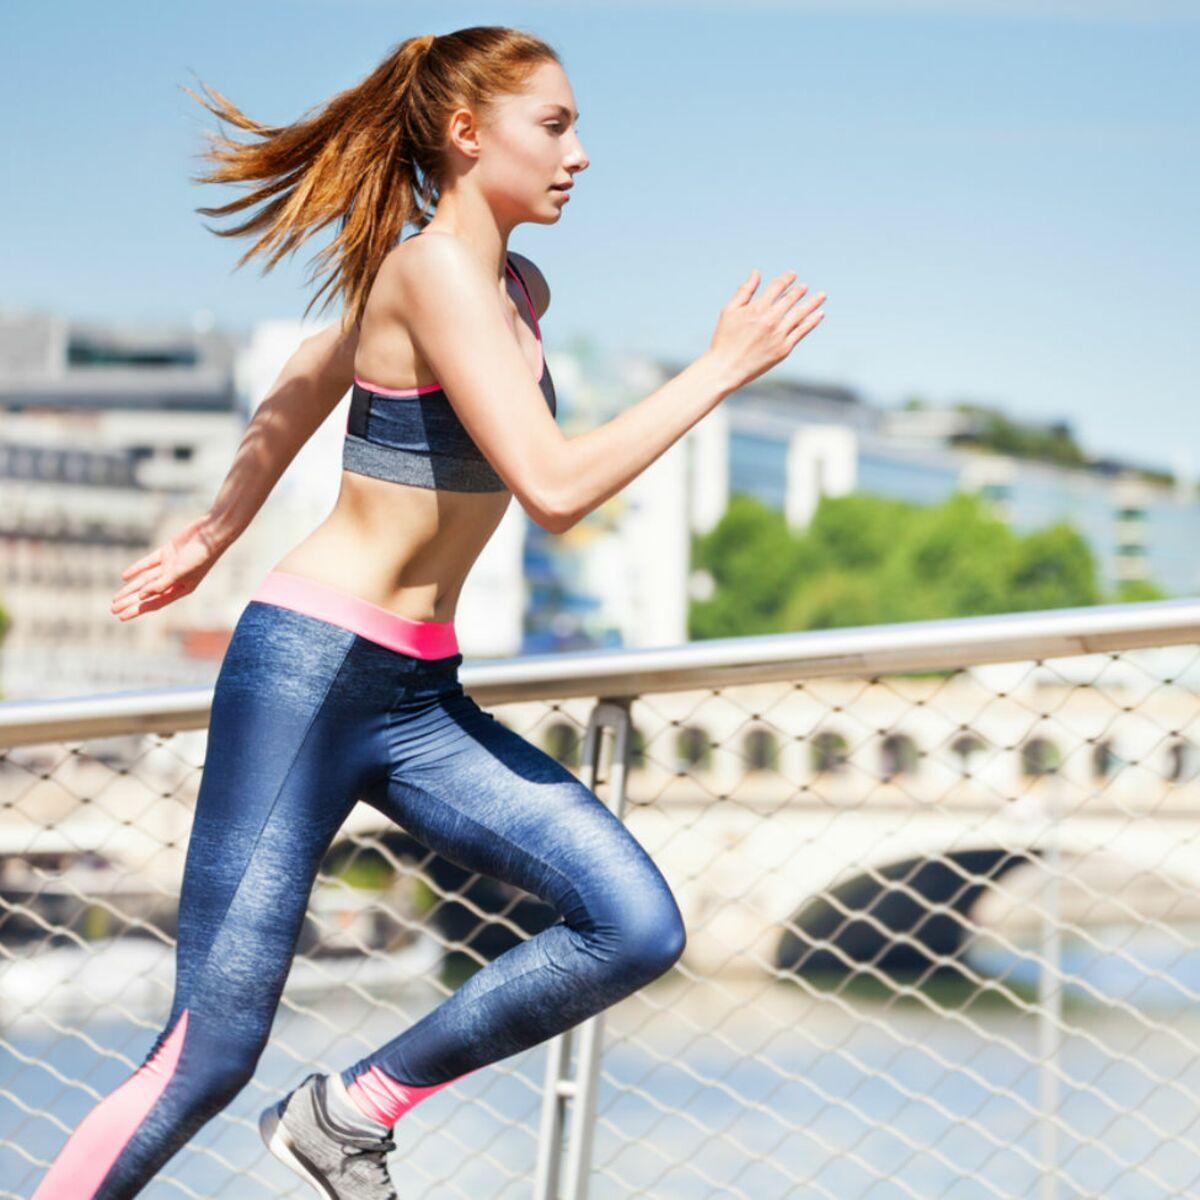 Comment la convaincre de perdre du poids ? - Affaires de couples - FORUM psychologie - Doctissimo